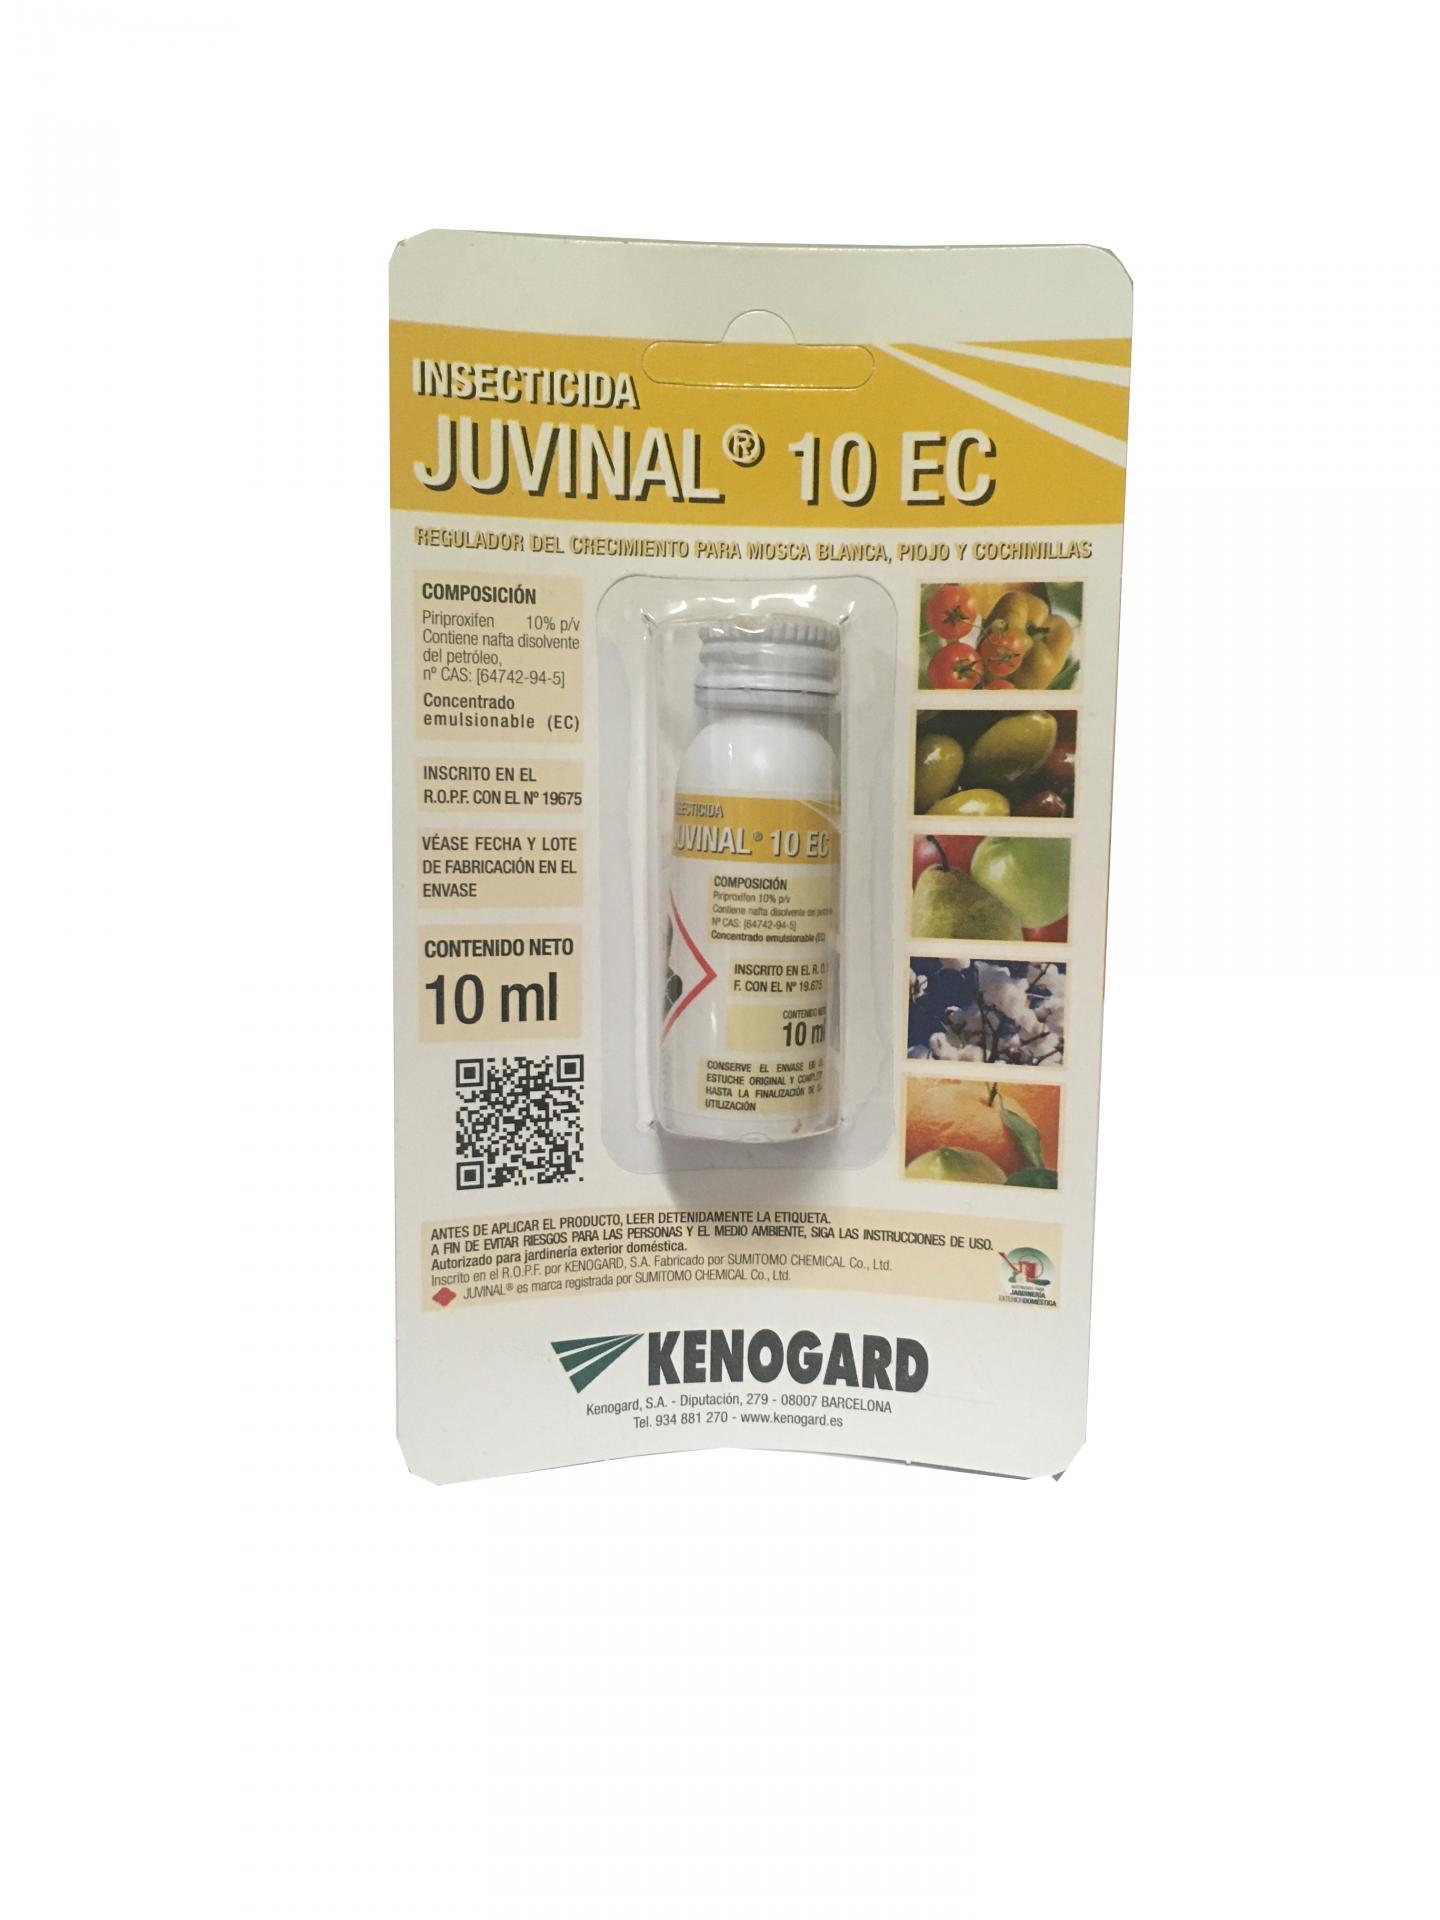 Insecticida Juvinal 10 EC